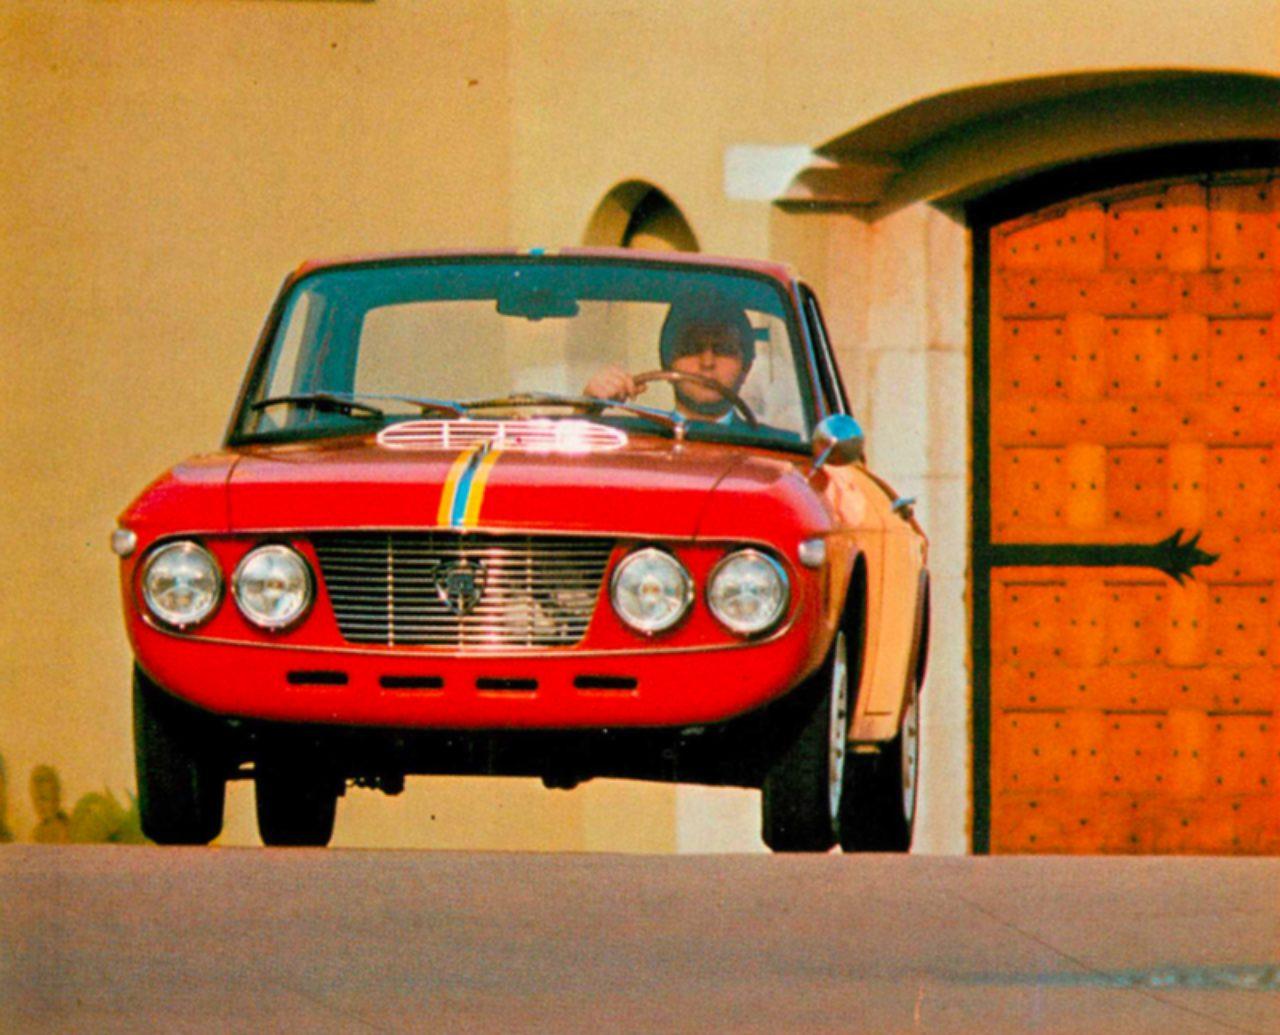 画像: ランチア フルヴィア クーペ ラリー 1.3HF(1969年)